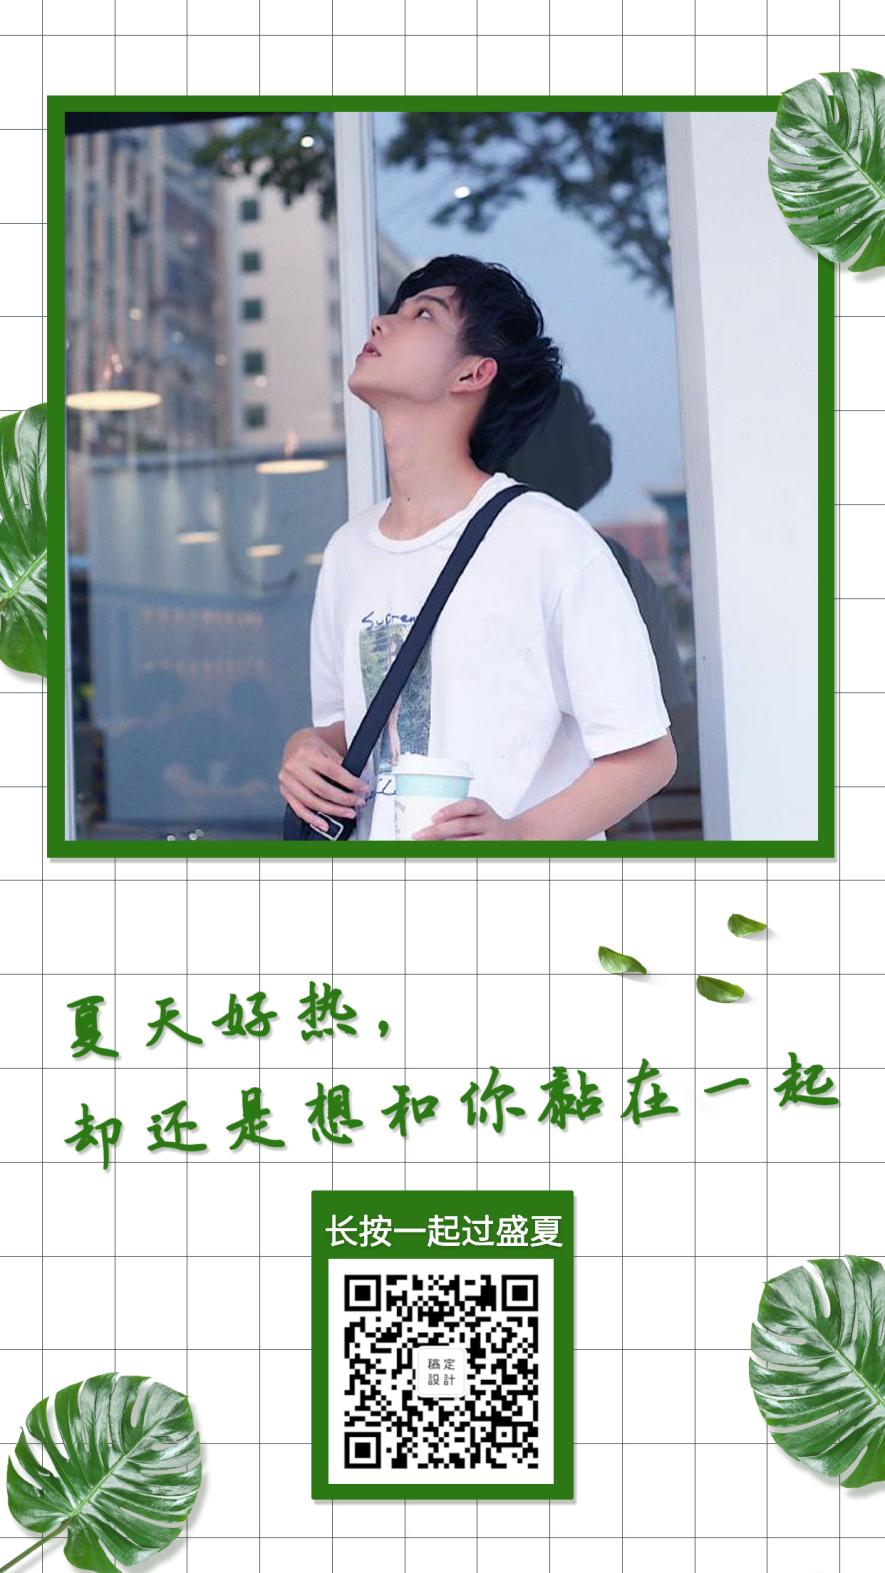 简约清新/夏天问候/手机海报